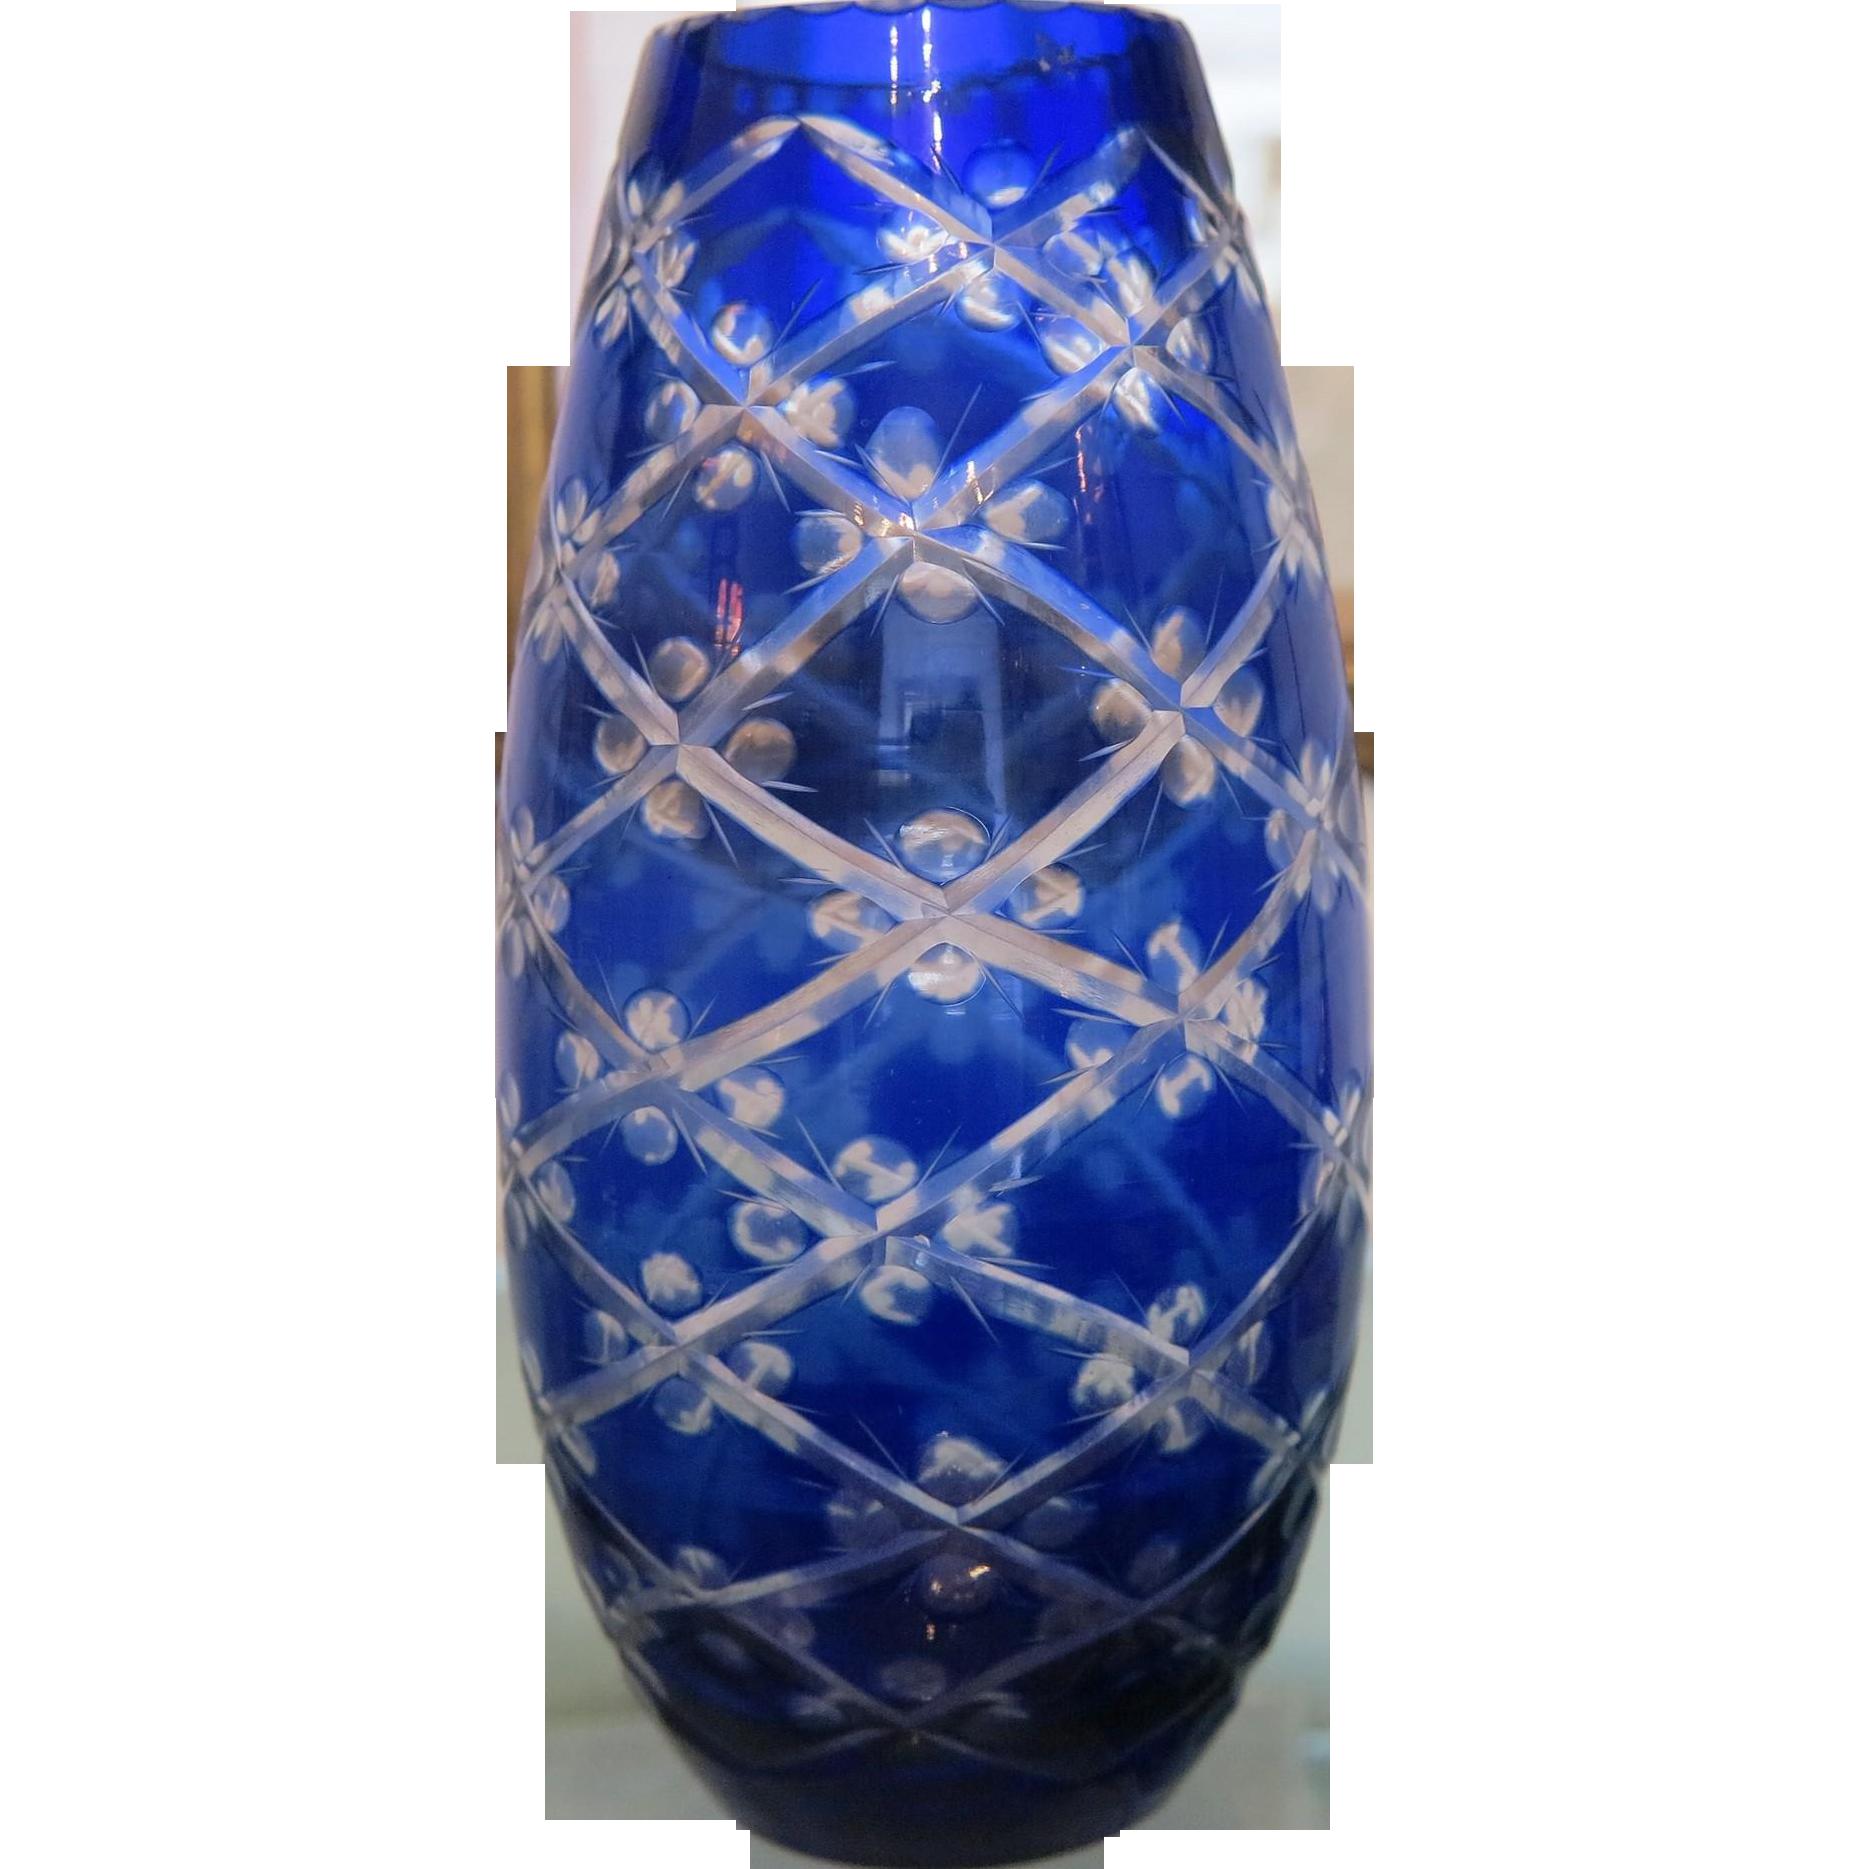 art deco bohemian cobalt blue crystal glass vase. Black Bedroom Furniture Sets. Home Design Ideas